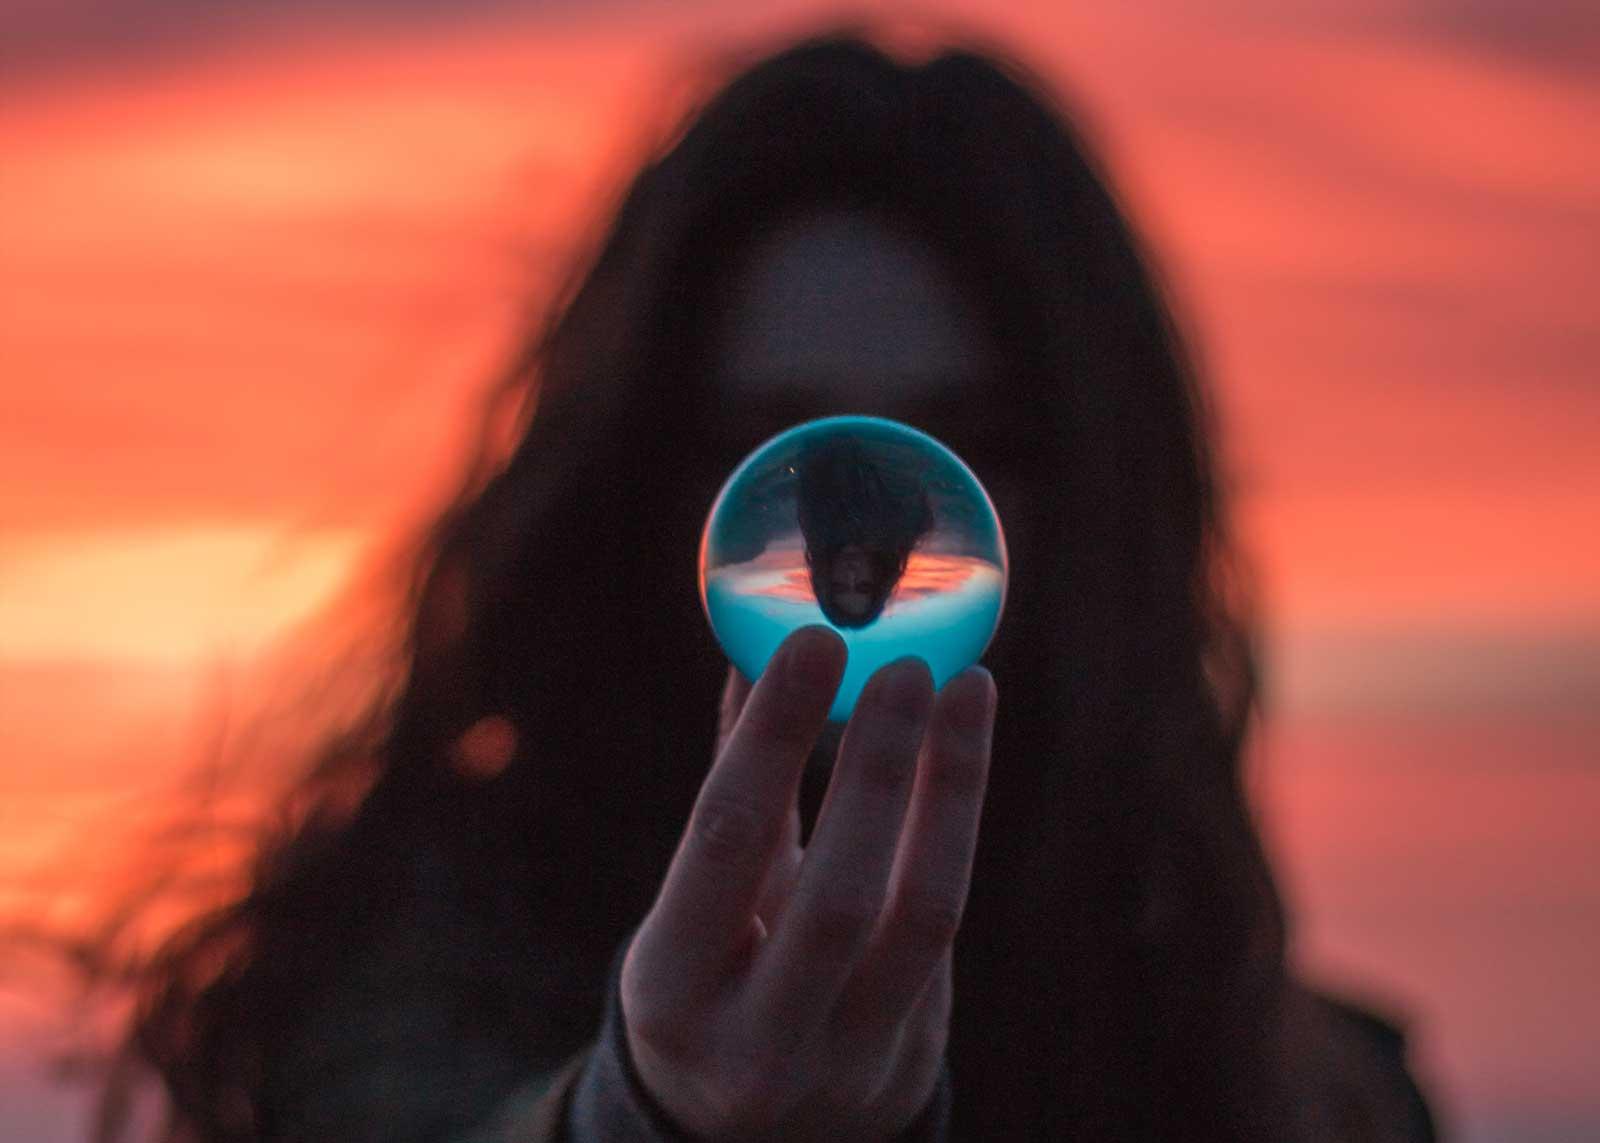 Junge Frau - Generation Z 2020: Was bringt die Zukunft?